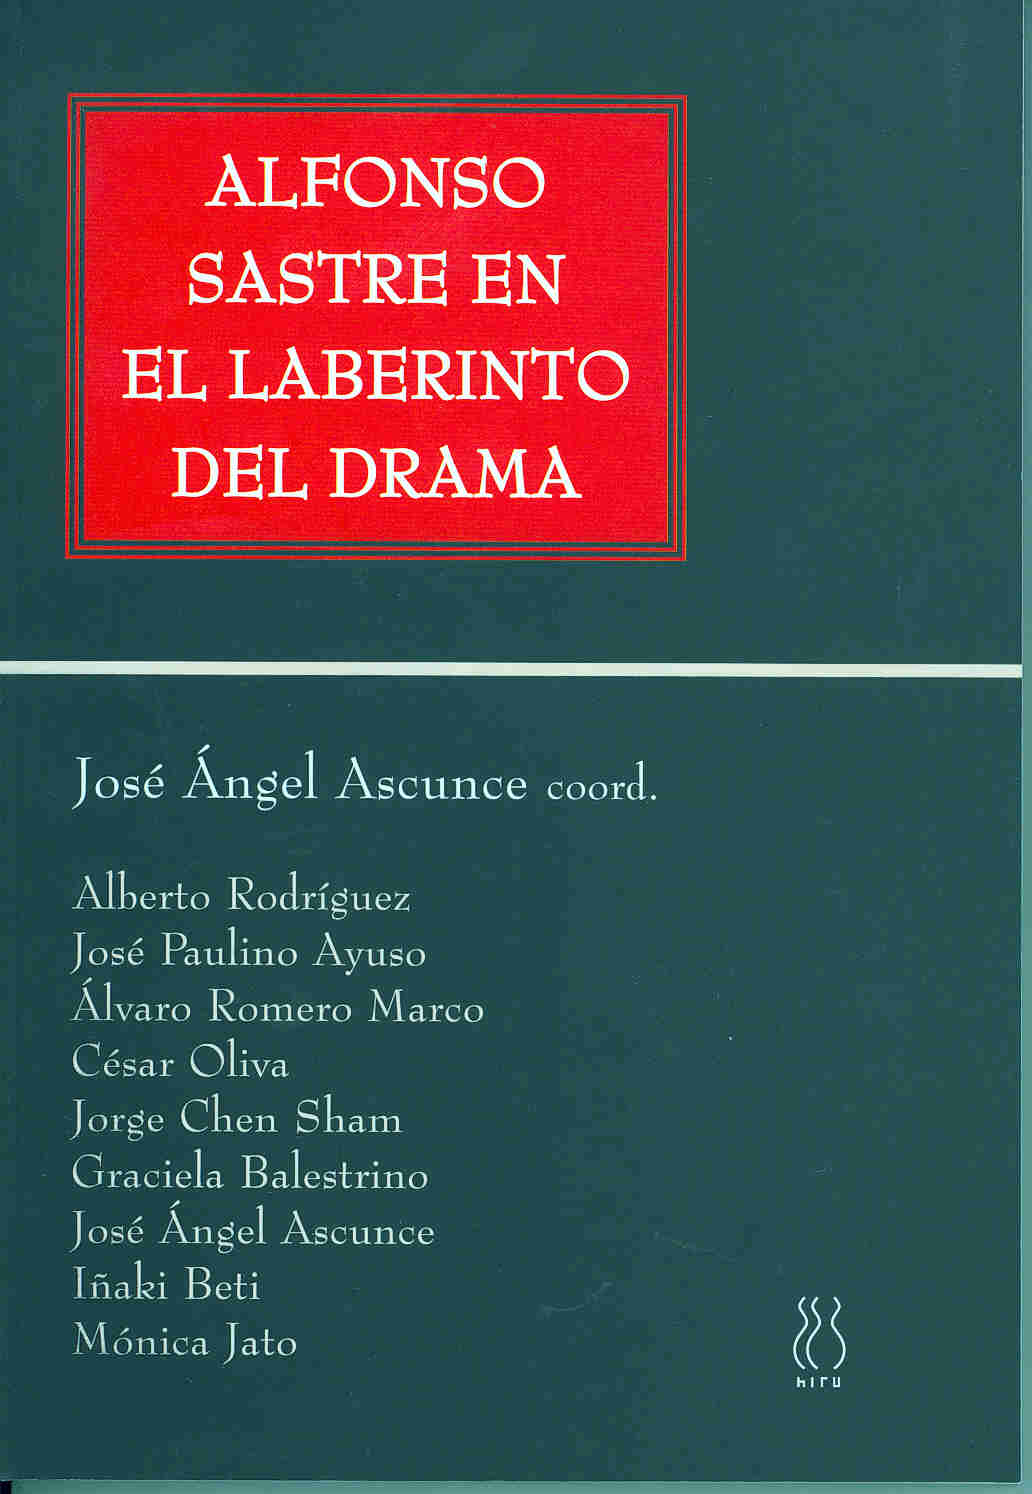 Alfonso Sastre en el laberinto del drama